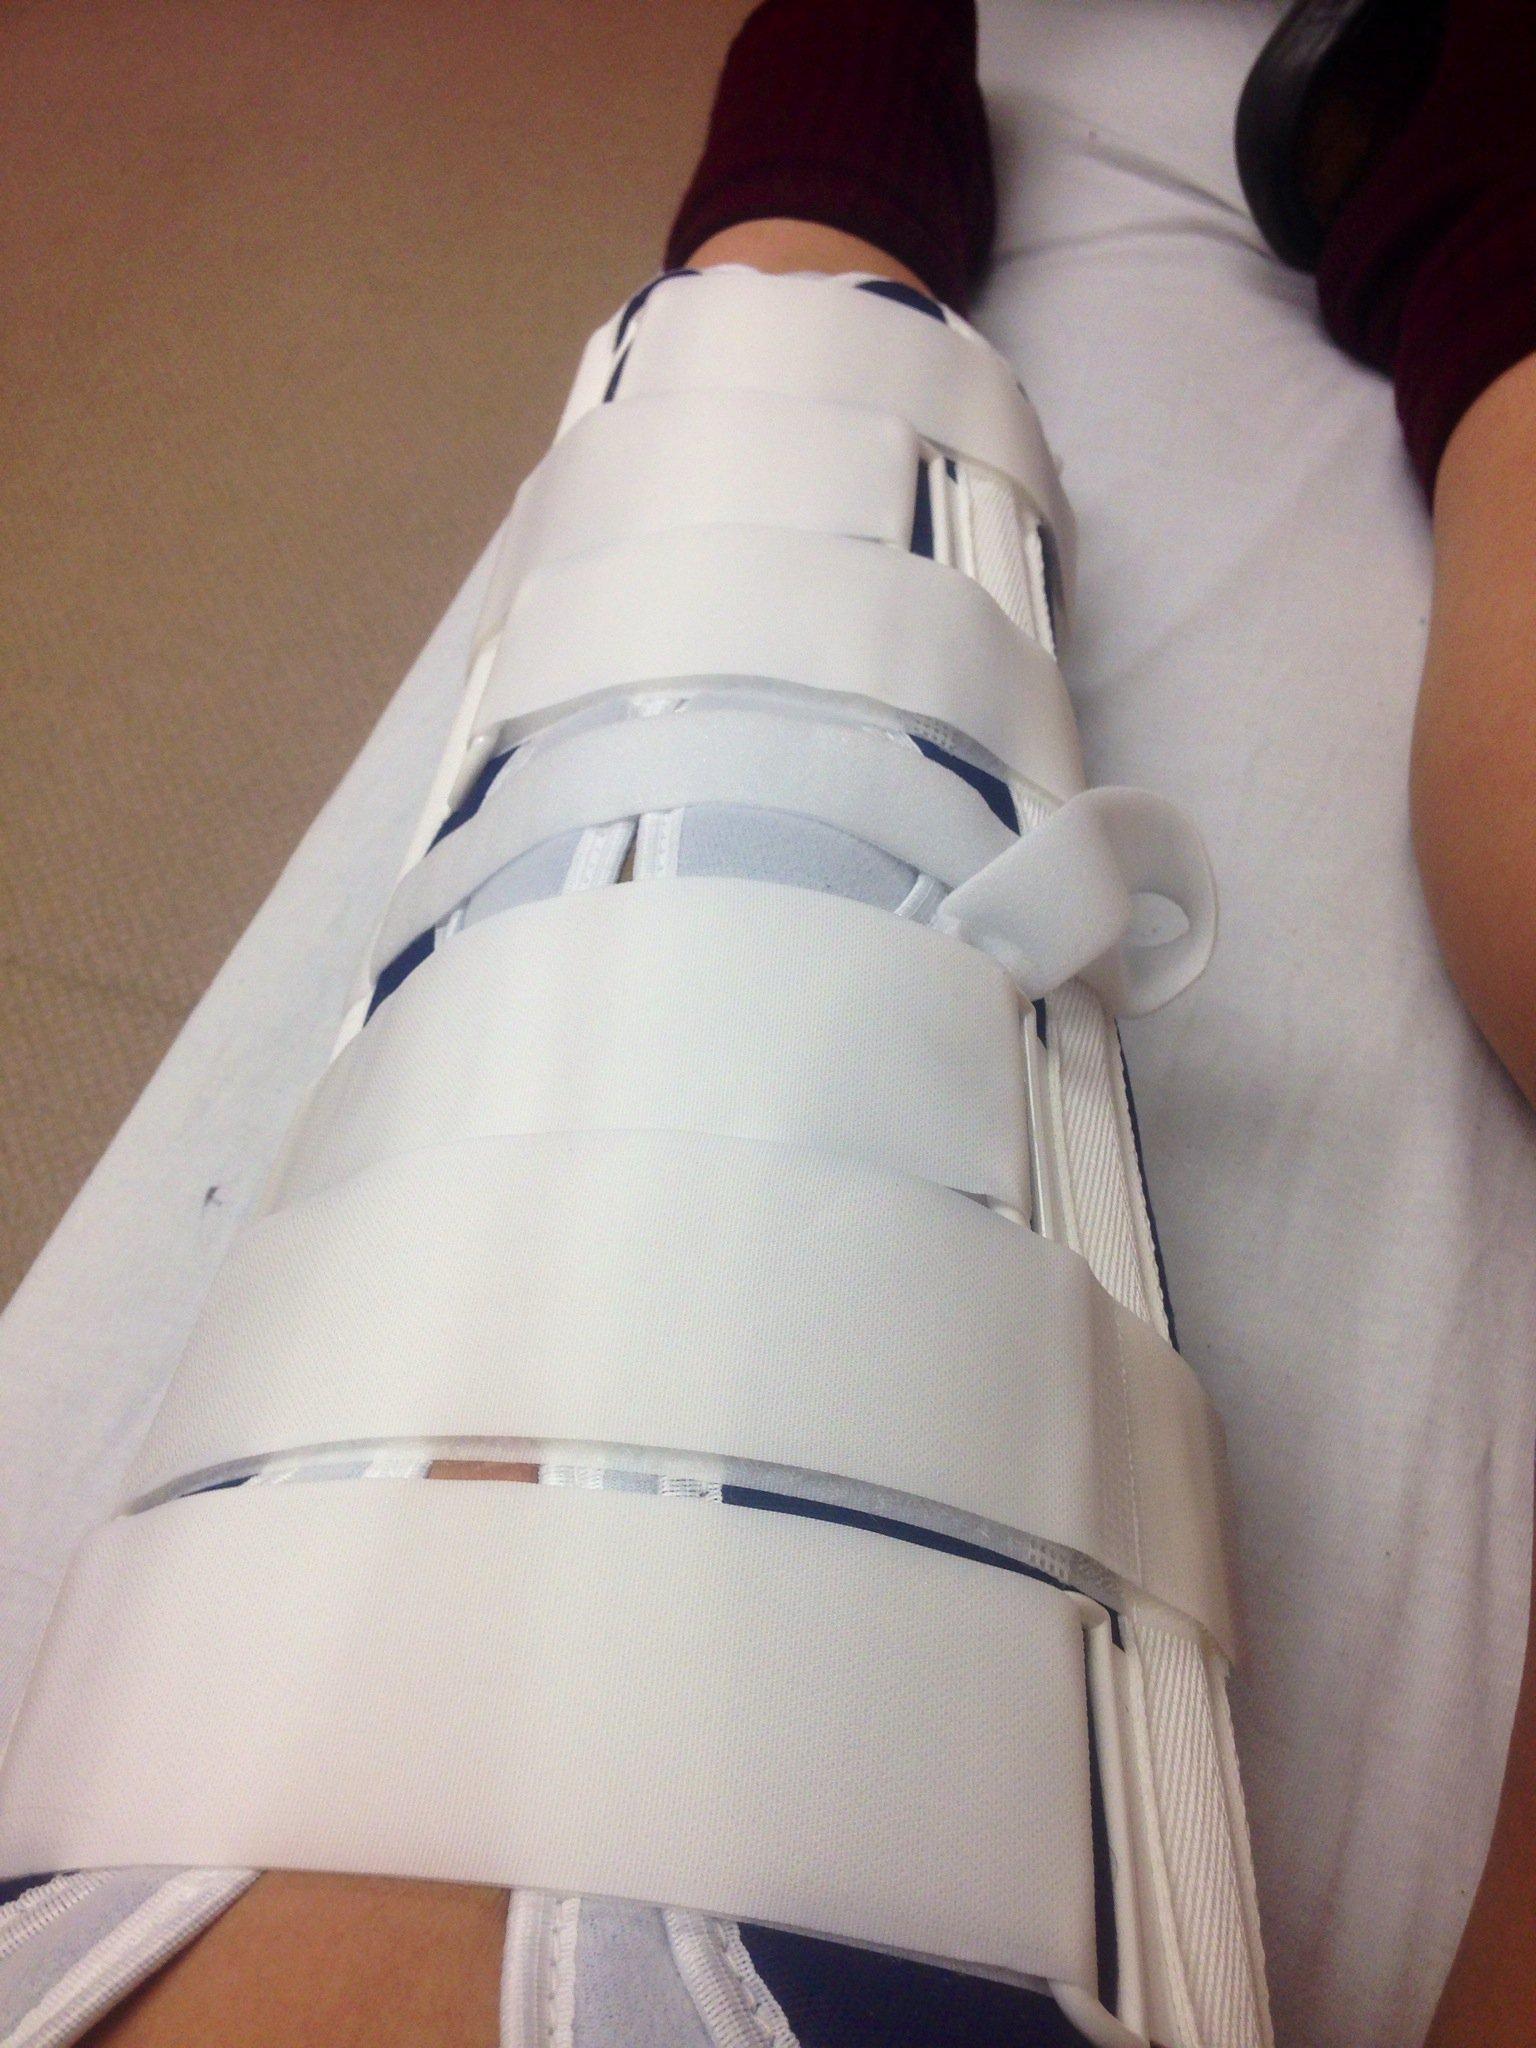 Blown up Knee